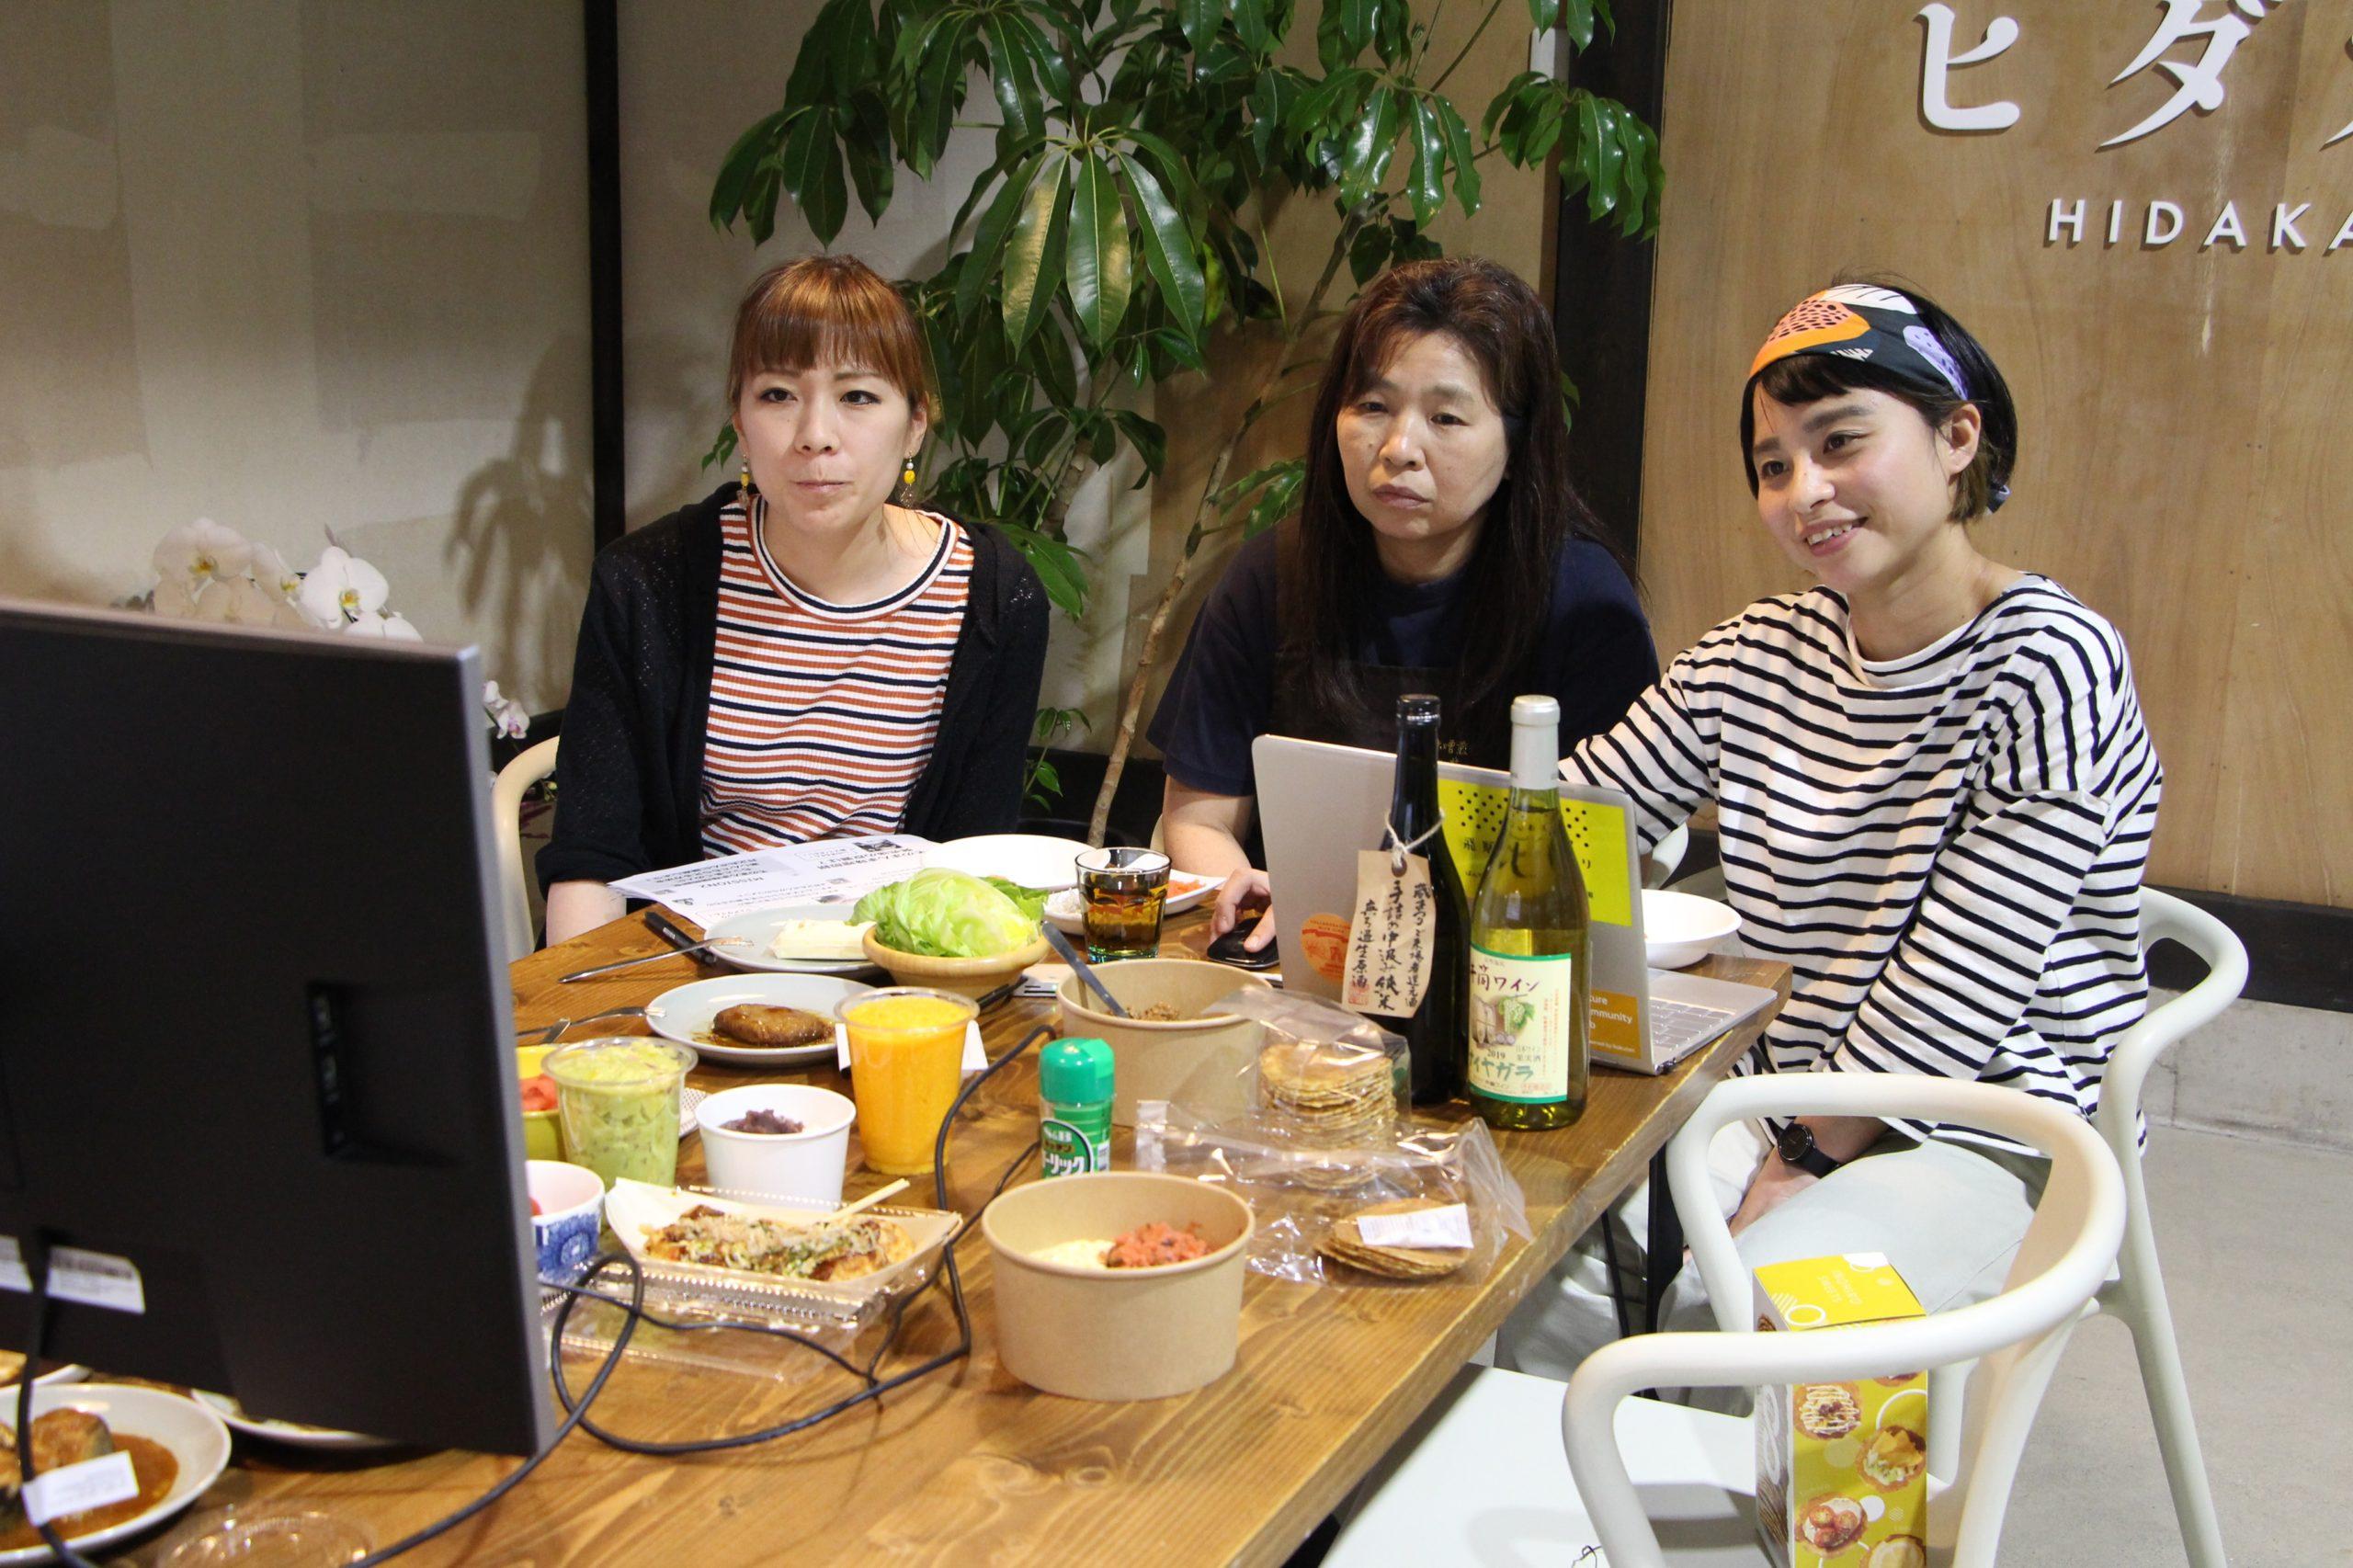 #おうちで飛騨ごはん~飛騨の食材をもっと美味しく食べんけな~取材レポート